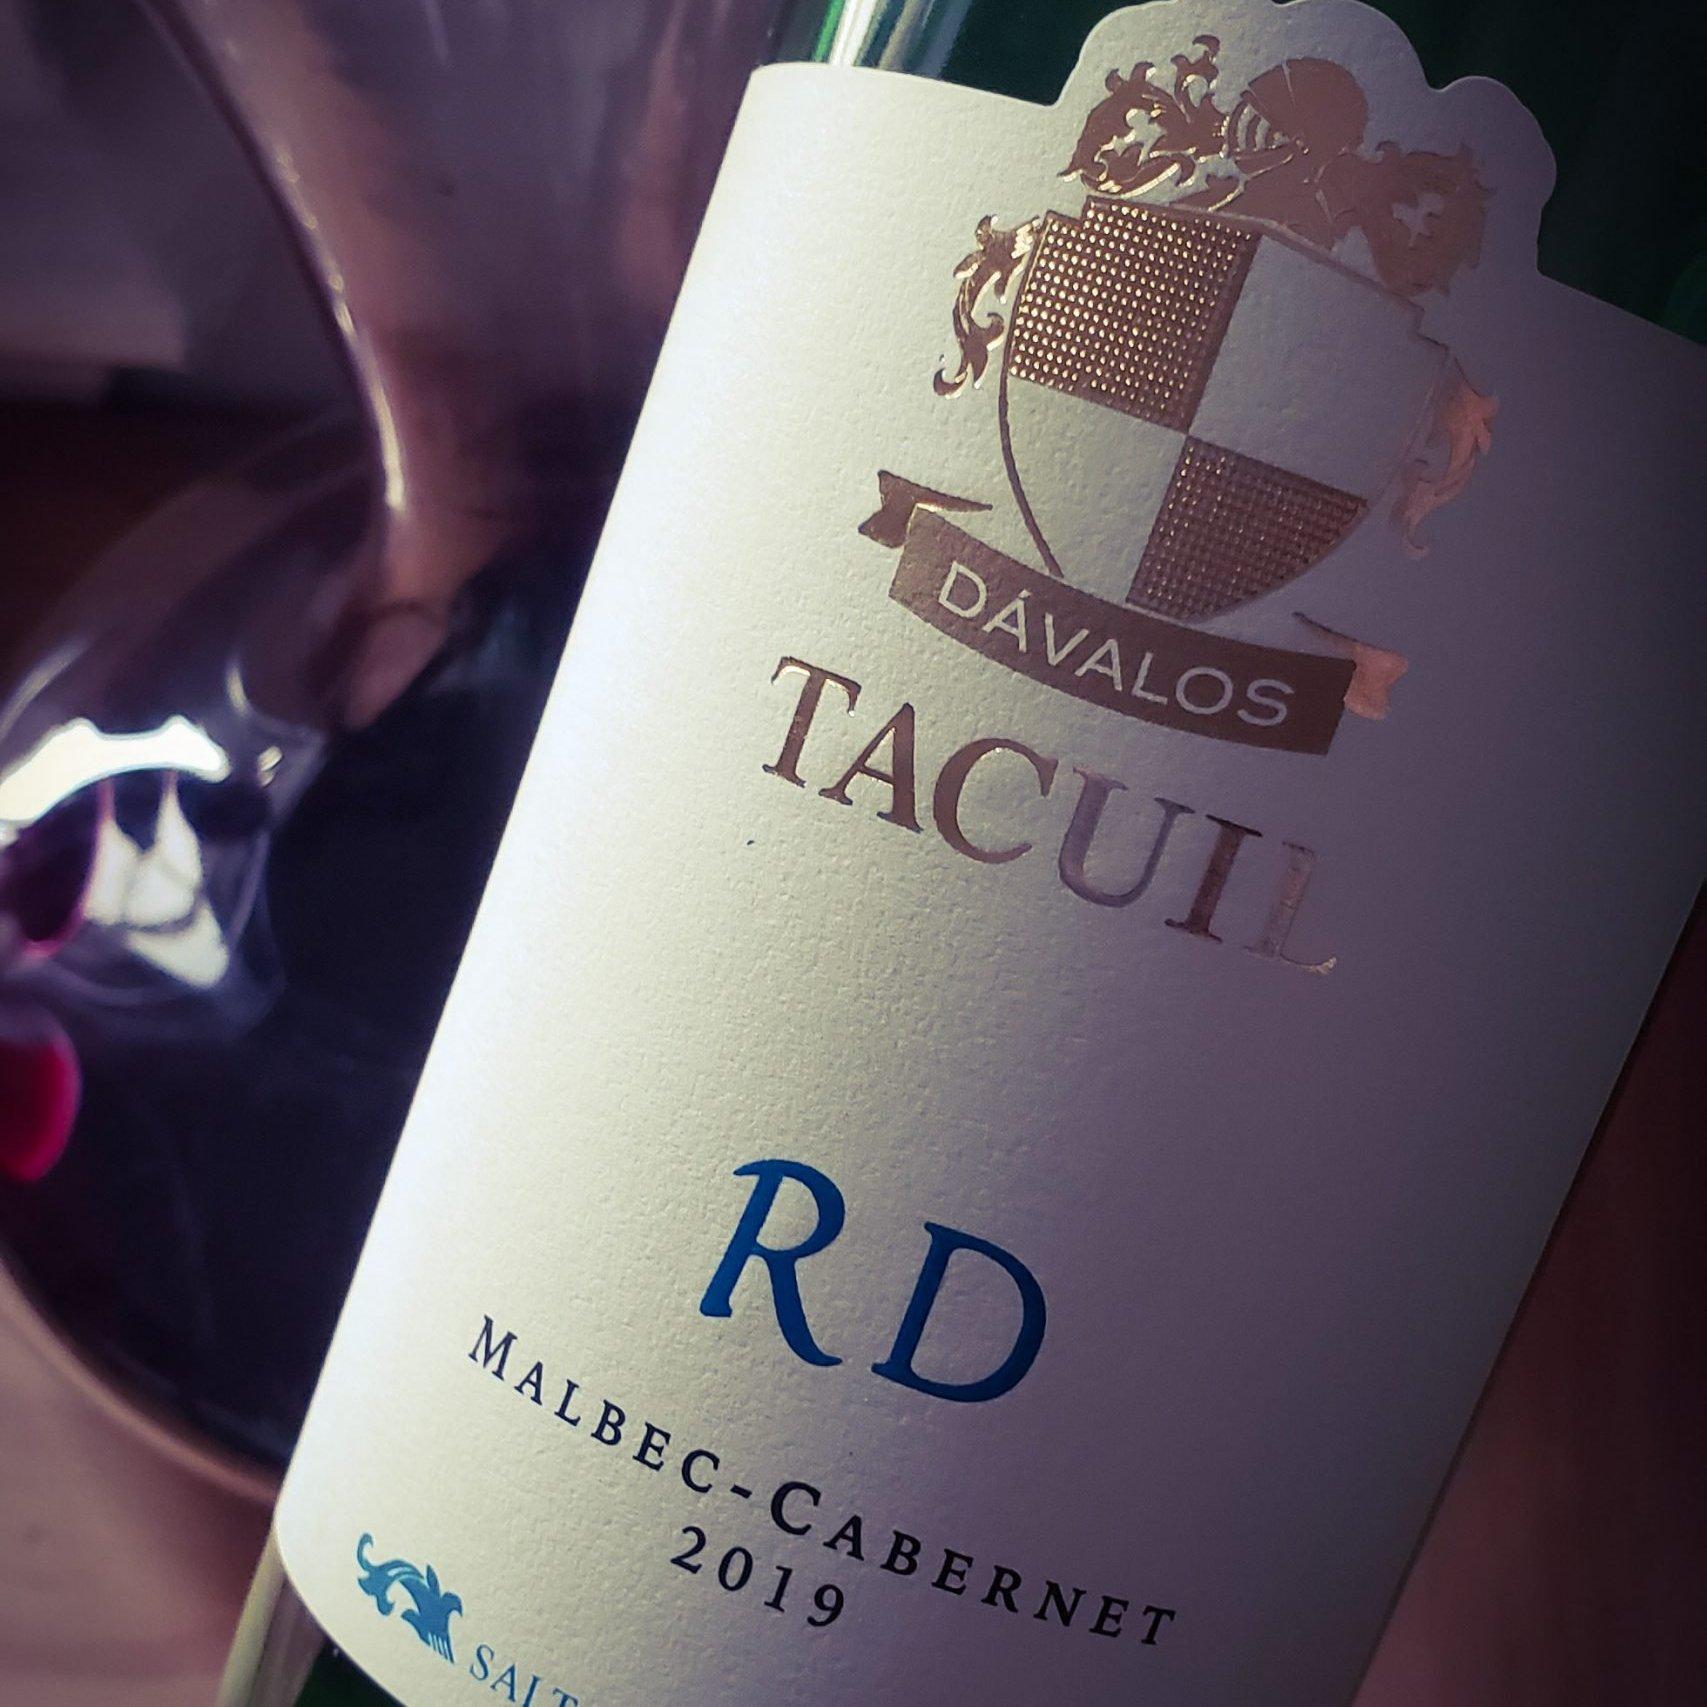 100 días - Tacuil RD 2018